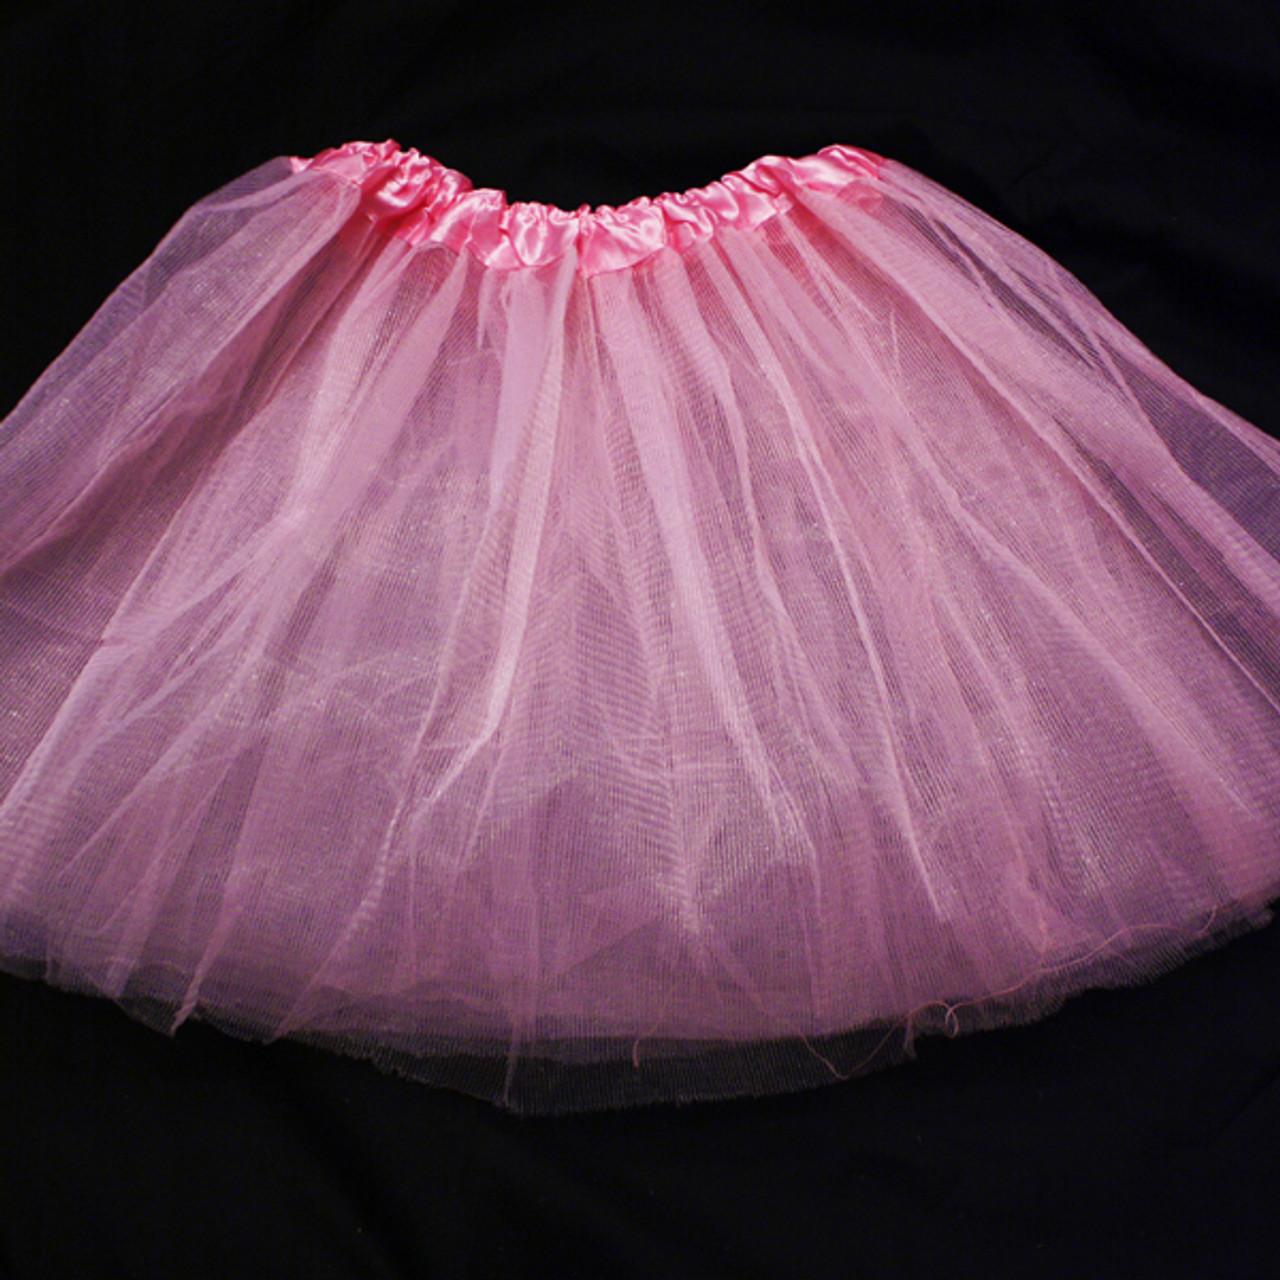 Light pink tutus